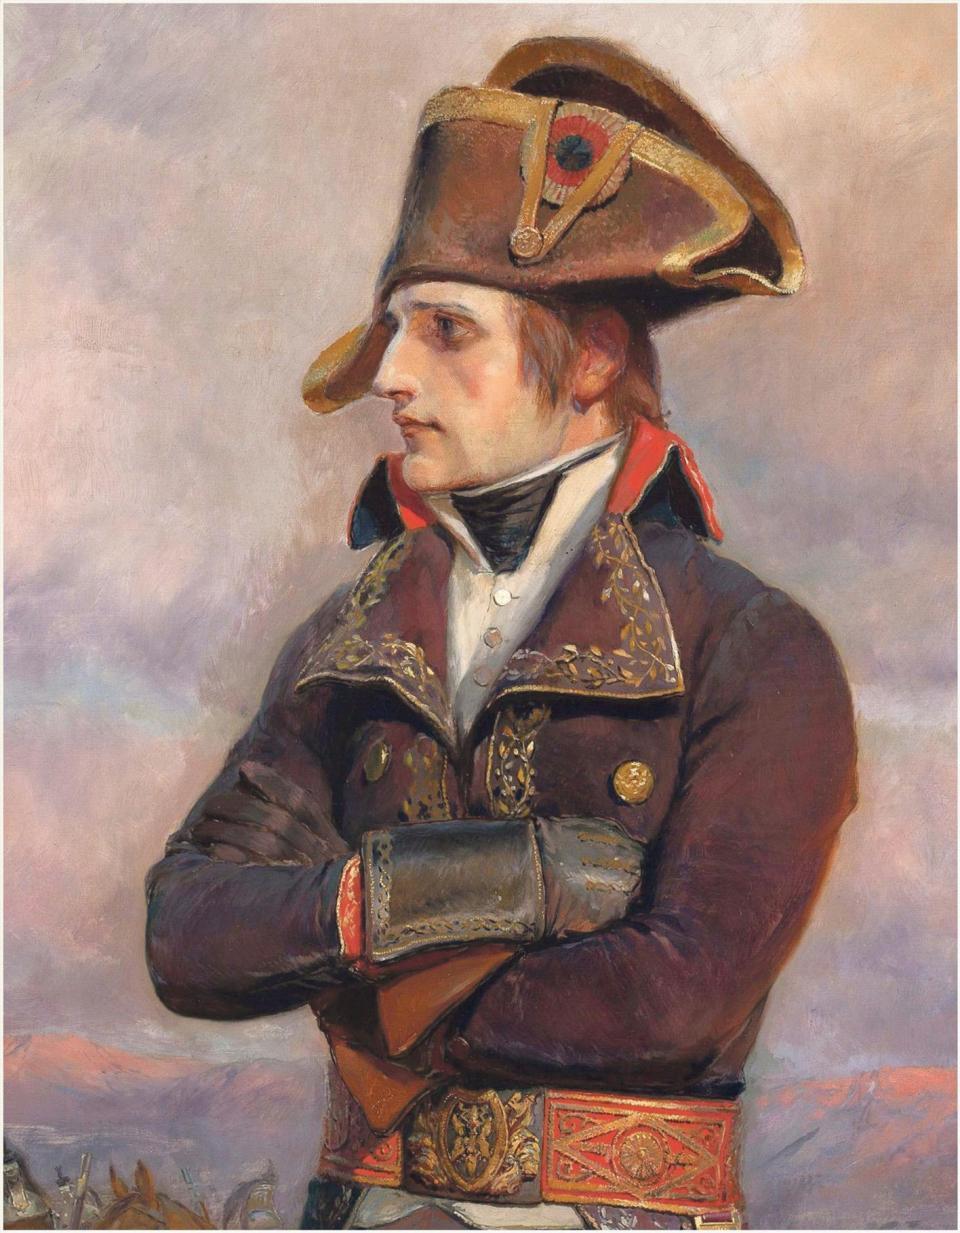 General Bonaparte in Egypt in 1798 by Edouard Detaille, sometime after leaving Malta (Musée de l'Armée, Paris, RMN).